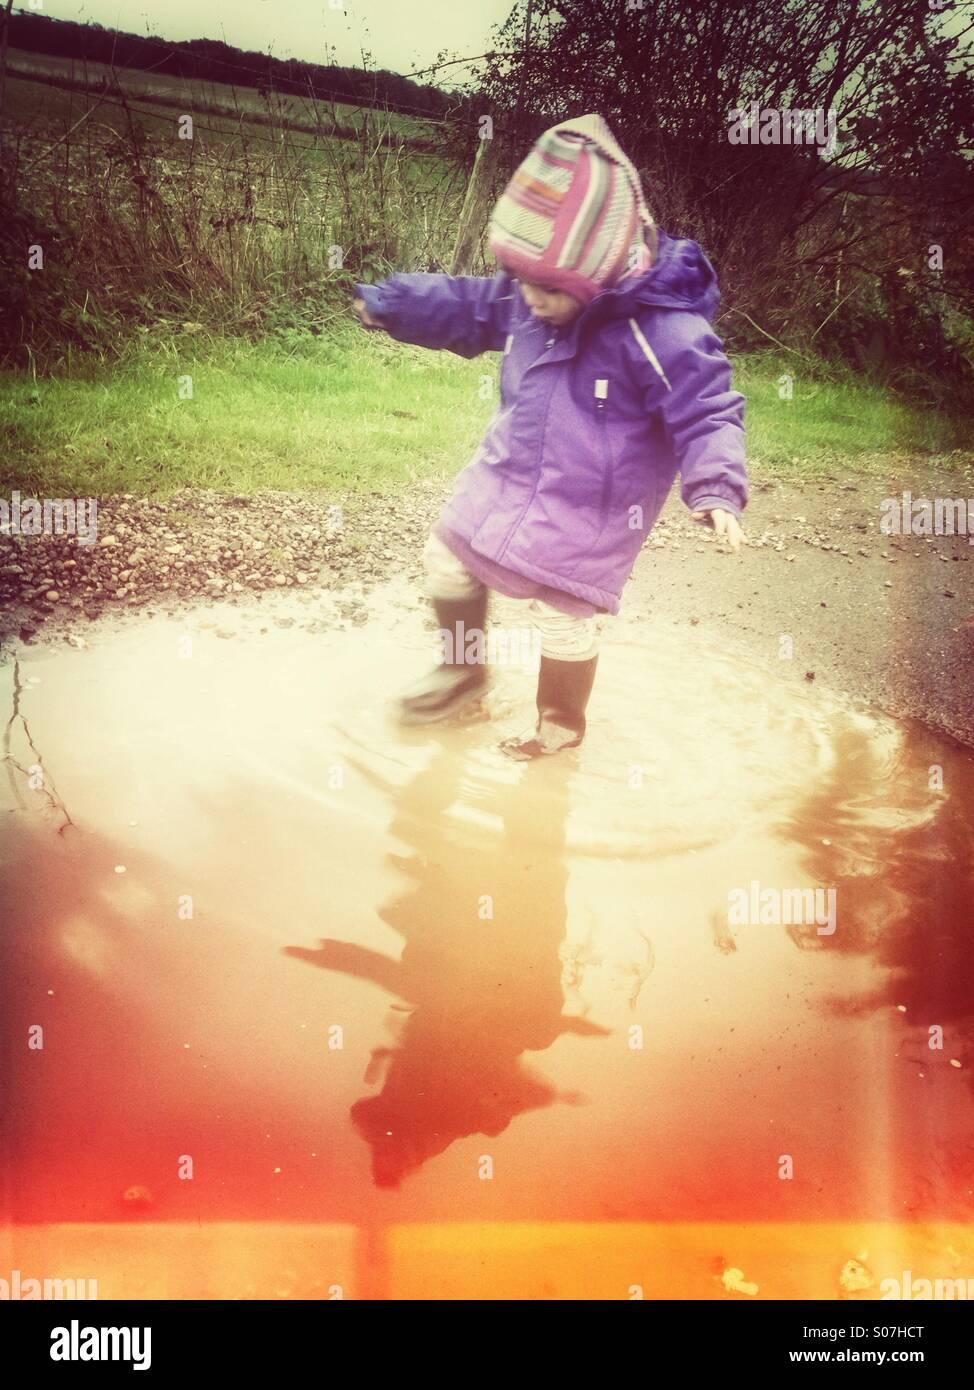 Kind im Alter von 2-3 Jahren spielen in Pfütze Stockbild